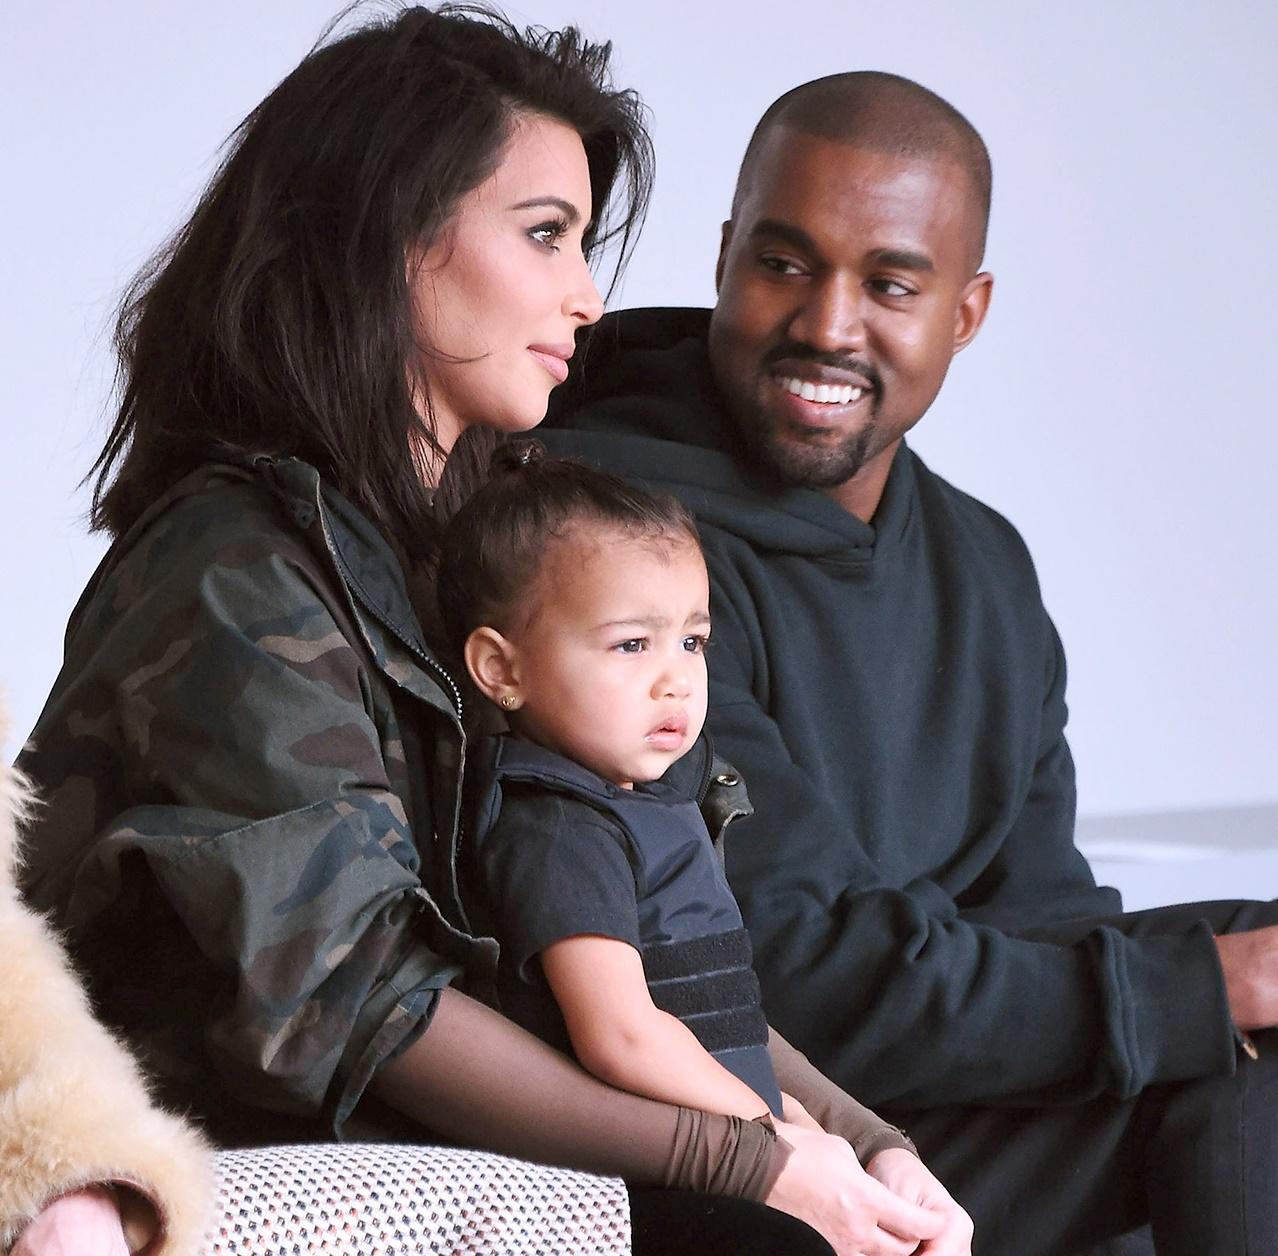 De olho nas Kardashians: Quem é a família Kardashian?